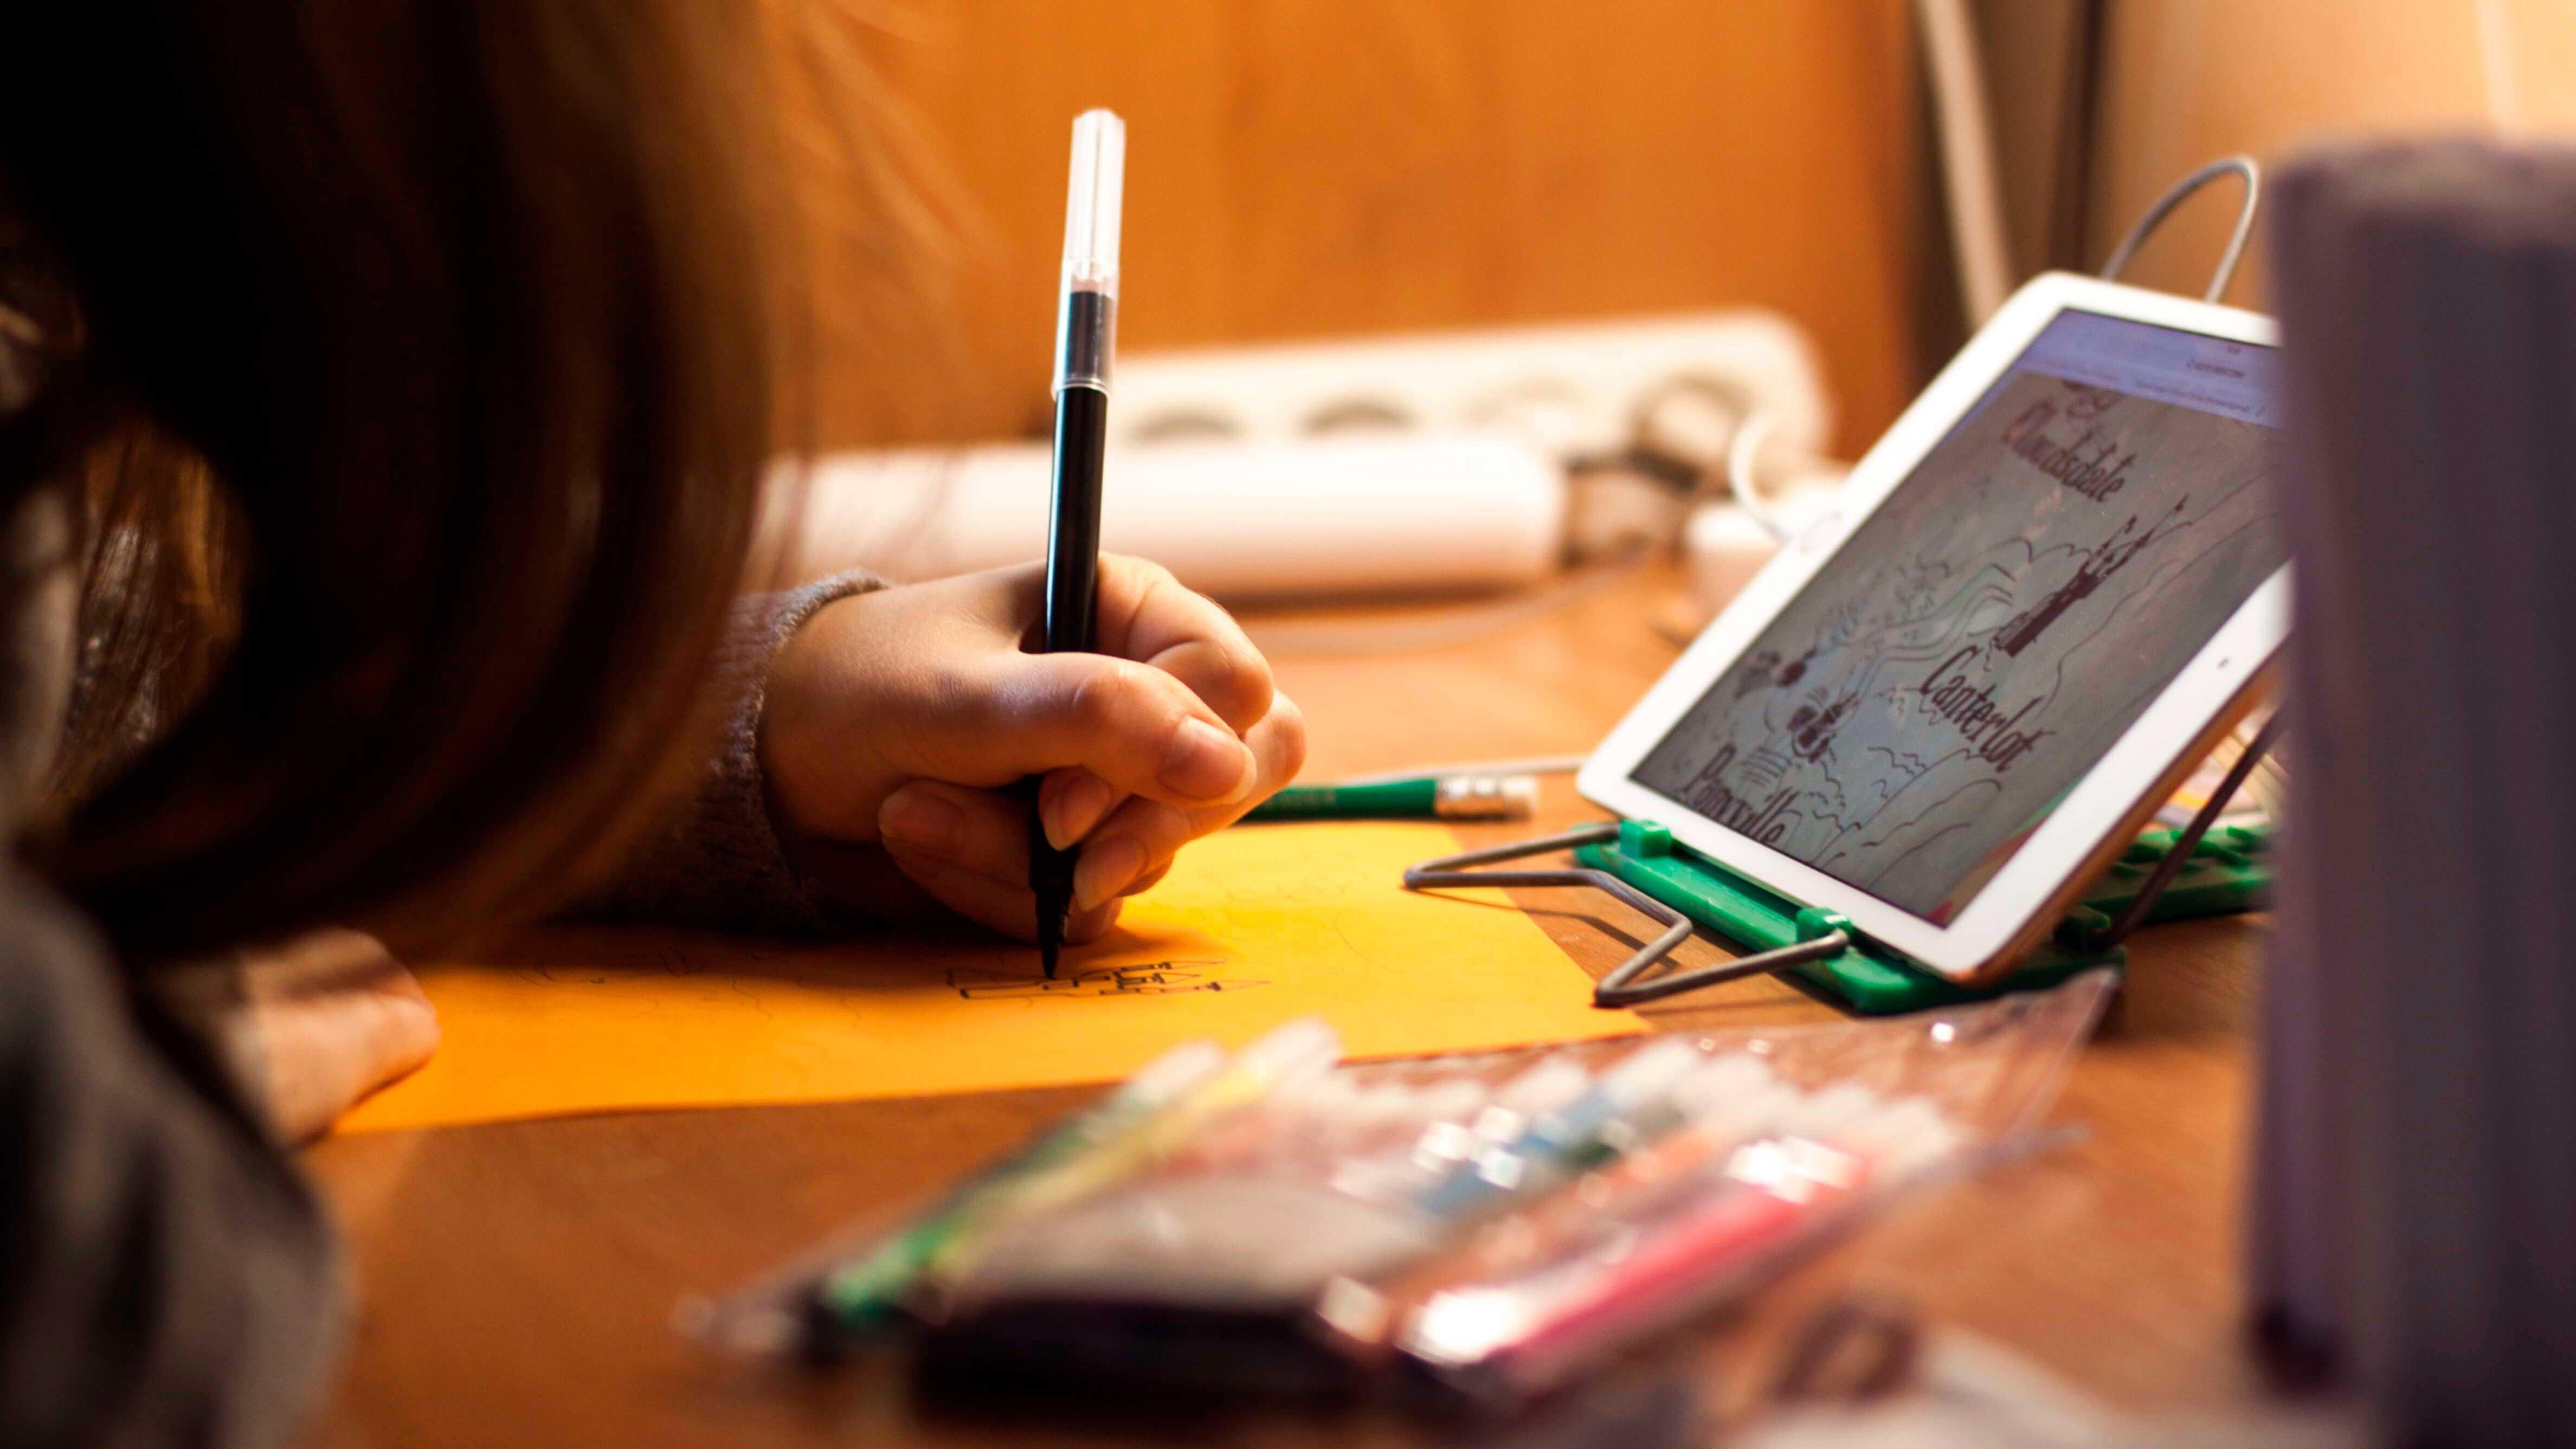 Garota escrevendo em papel.